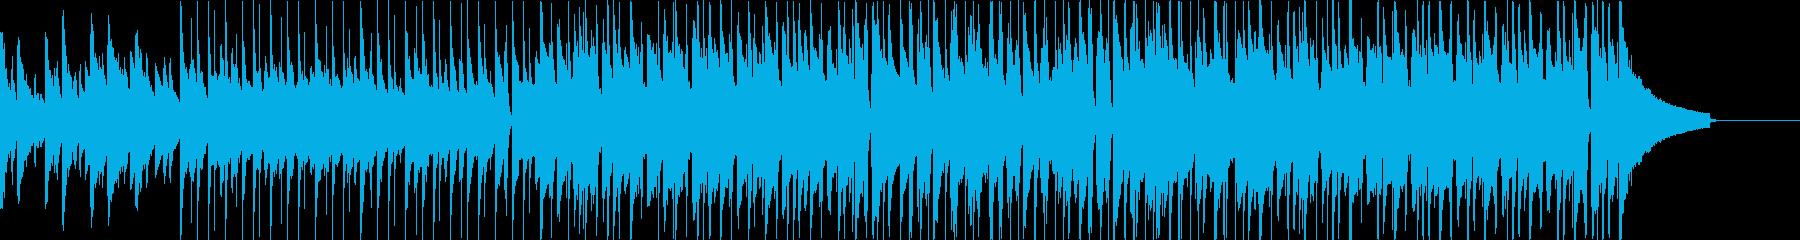 【ショート版】ポジティブで爽やかなピアノの再生済みの波形